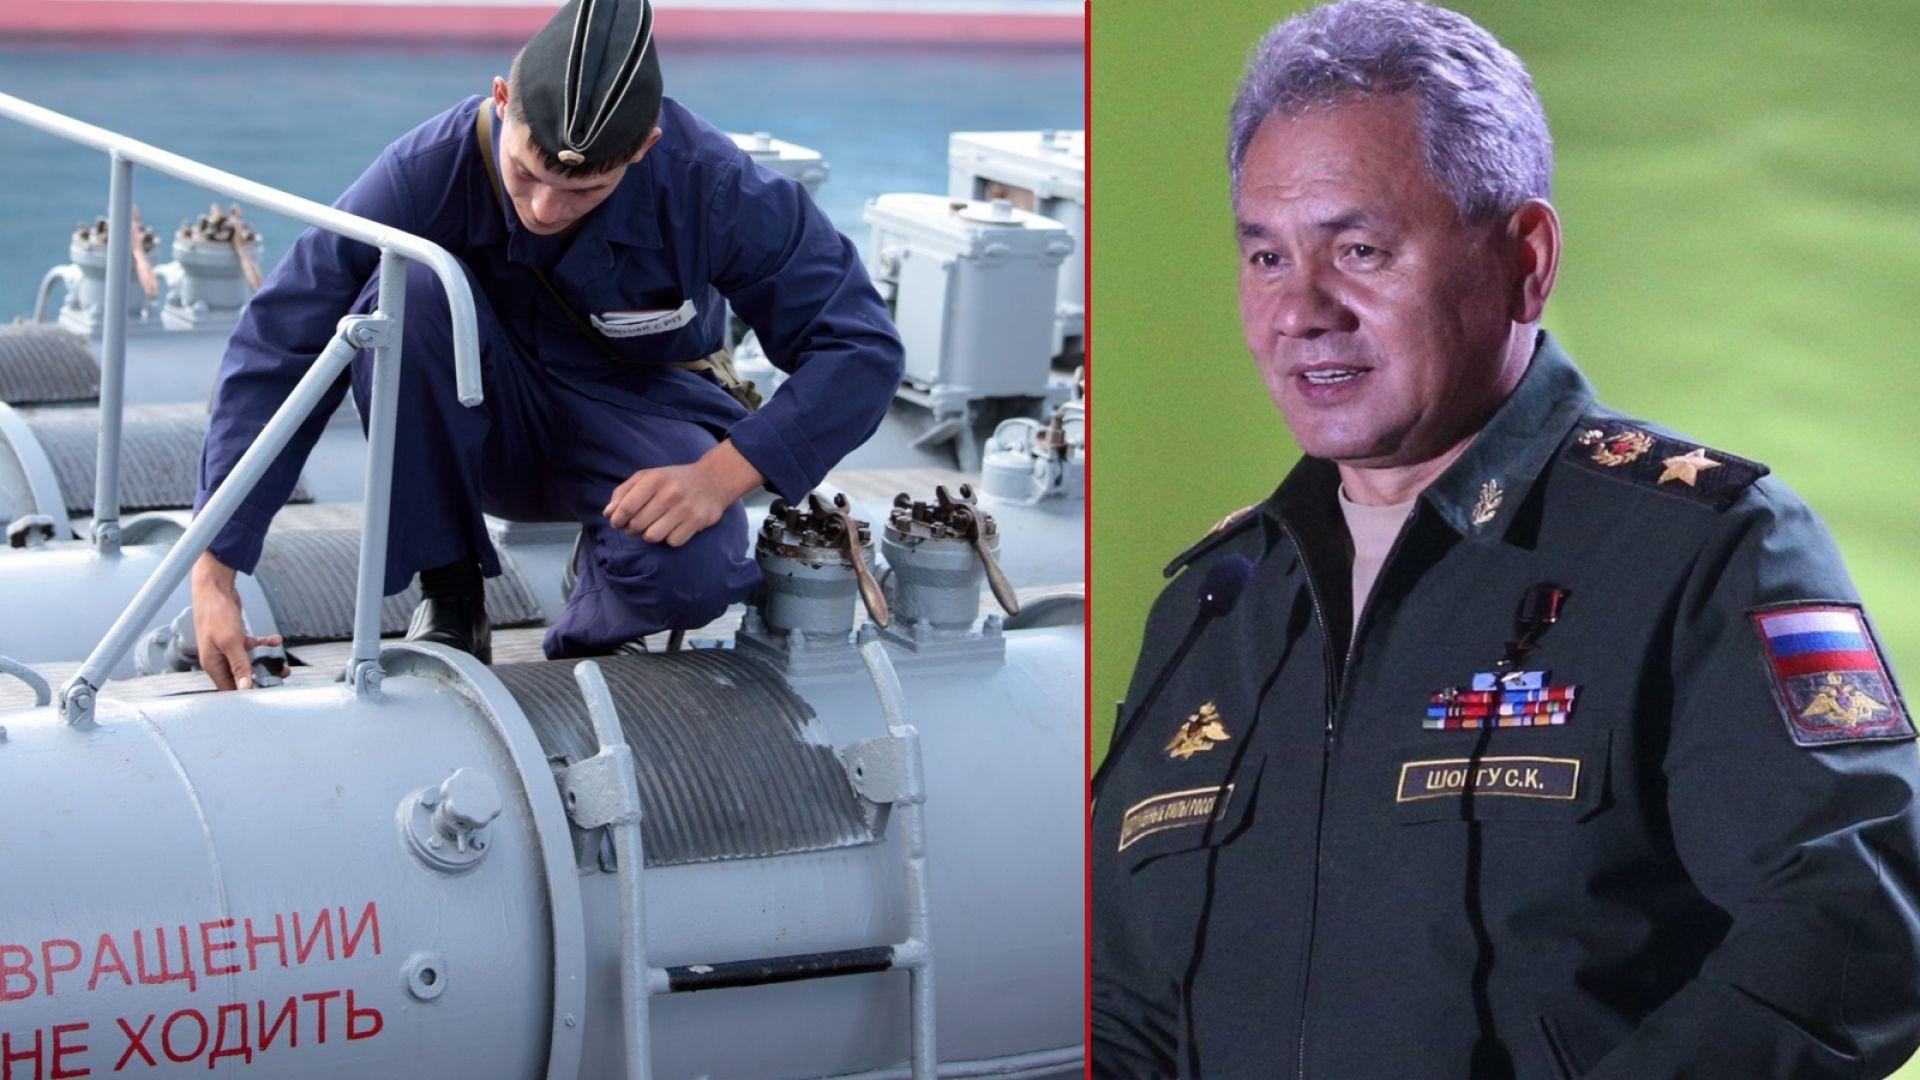 Има оцелели при трагедията със секретния руски апарат в Баренцово море